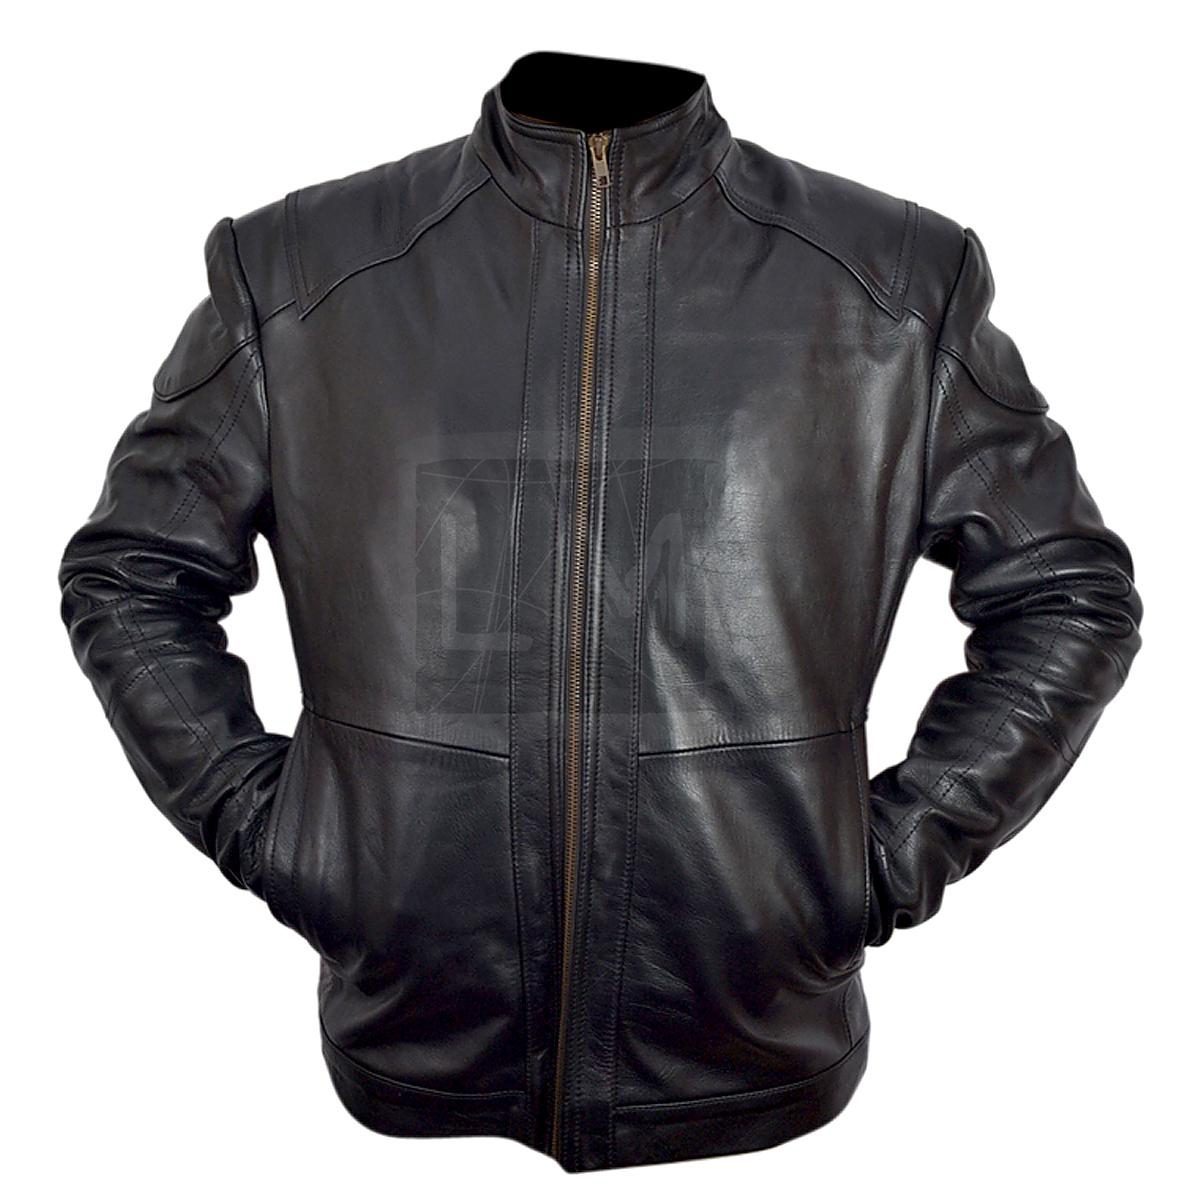 black leather jacket bruce_willis_red_2_black_leather_jacket_2__83863-1.jpg ACSHPRW